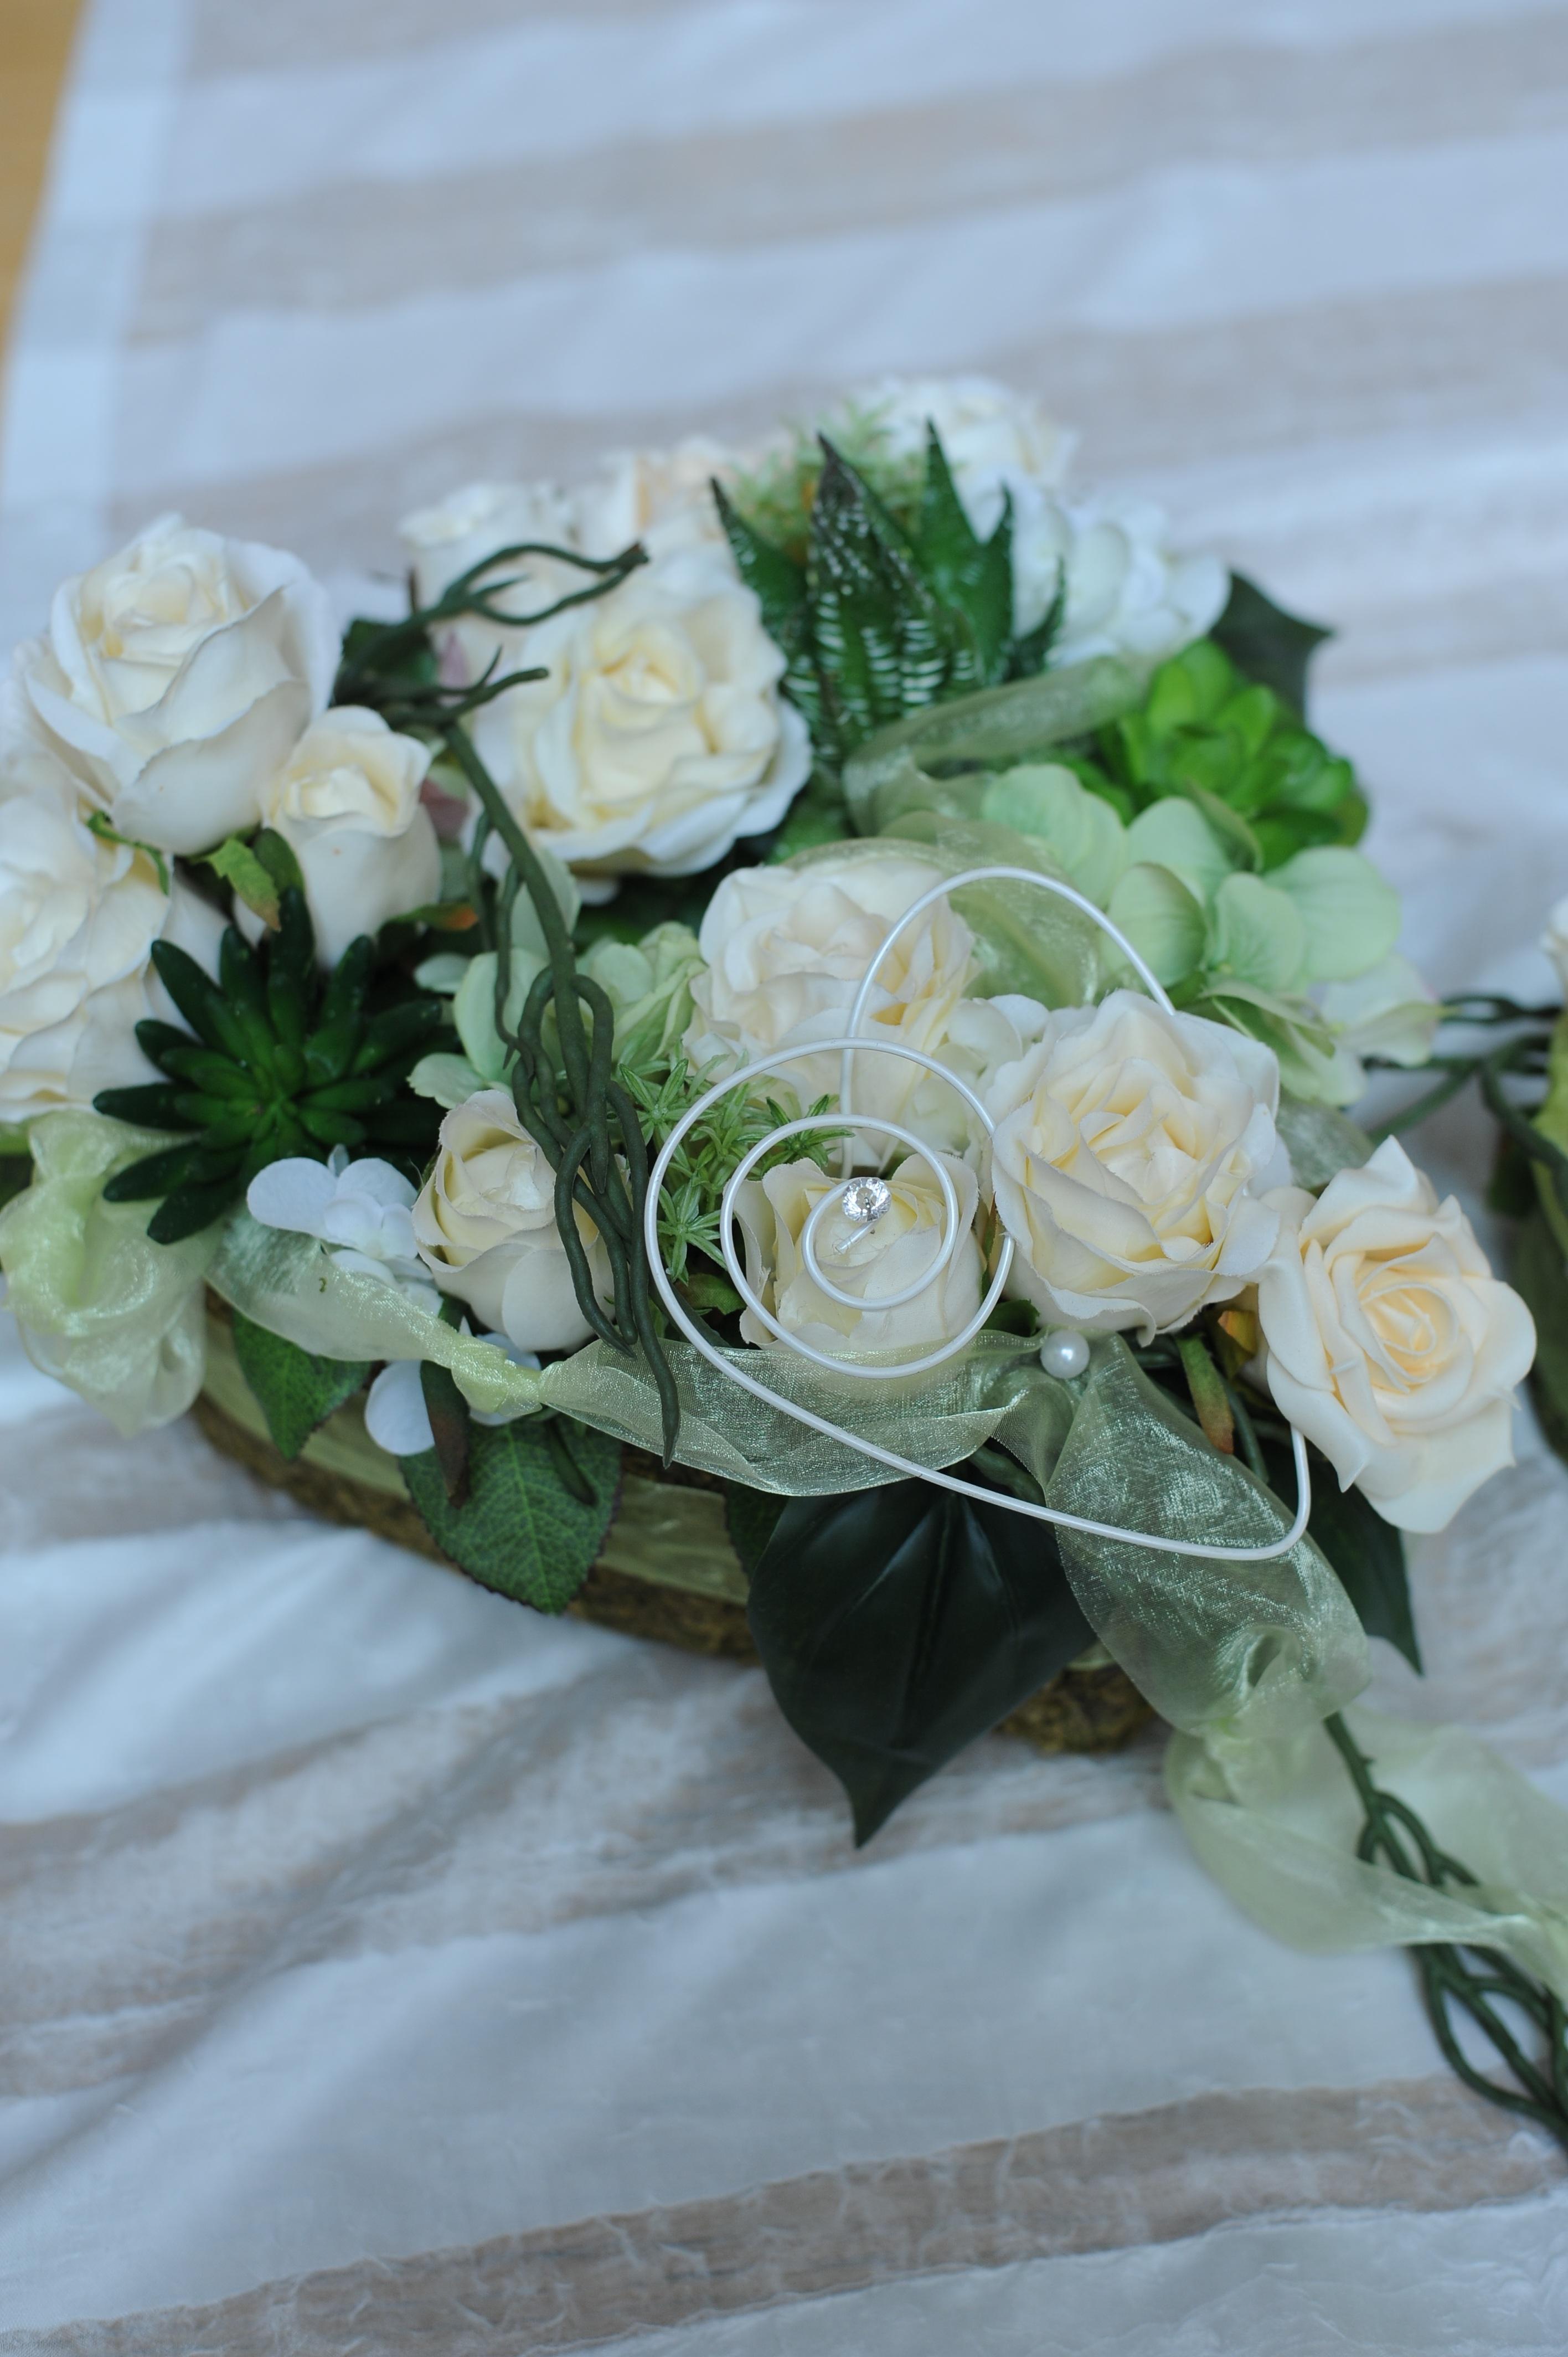 Immagini Belle Bianca Fiore Petalo Rosa Decorazione Verde